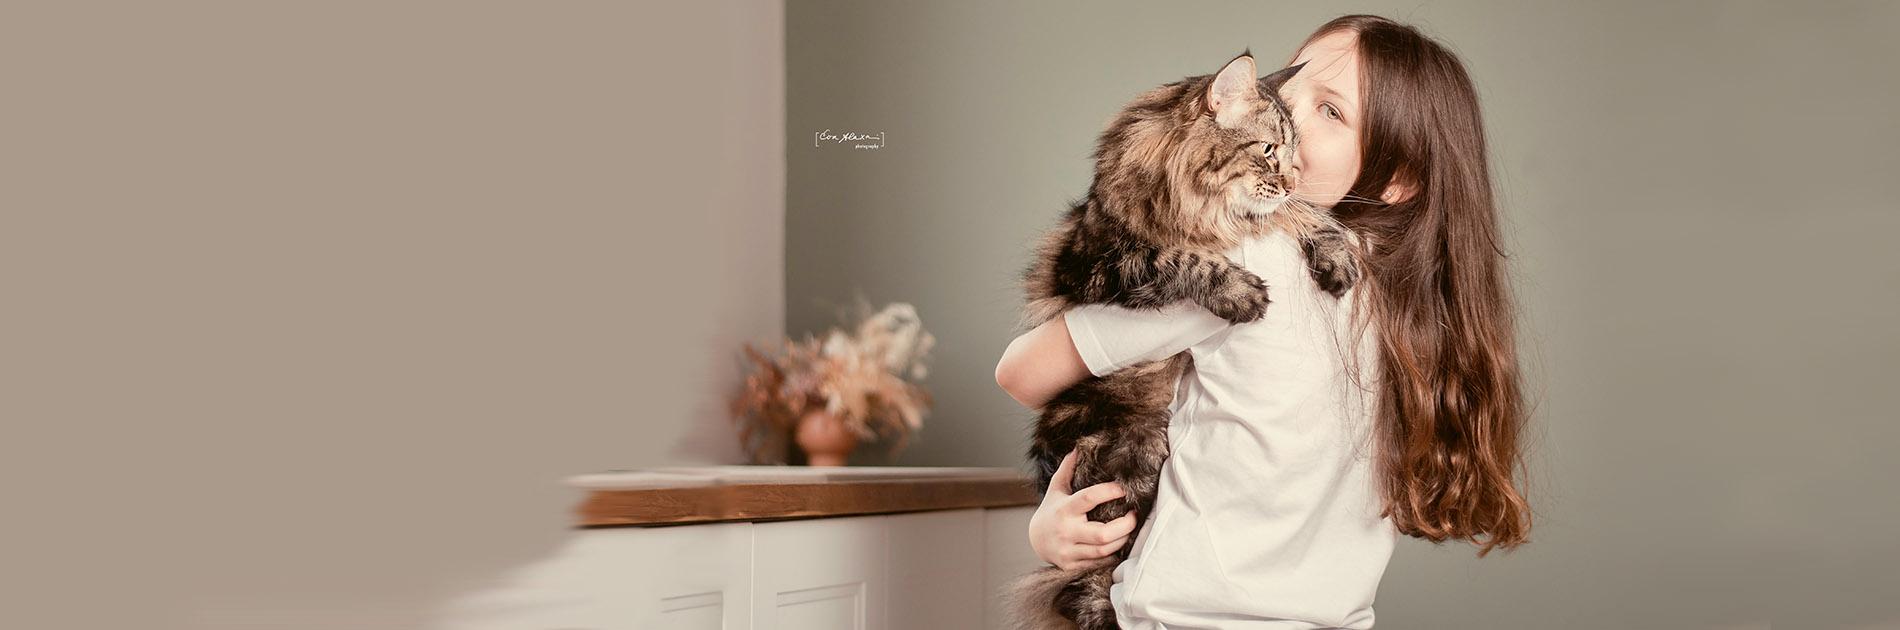 Gyermek és norvég erdei macska